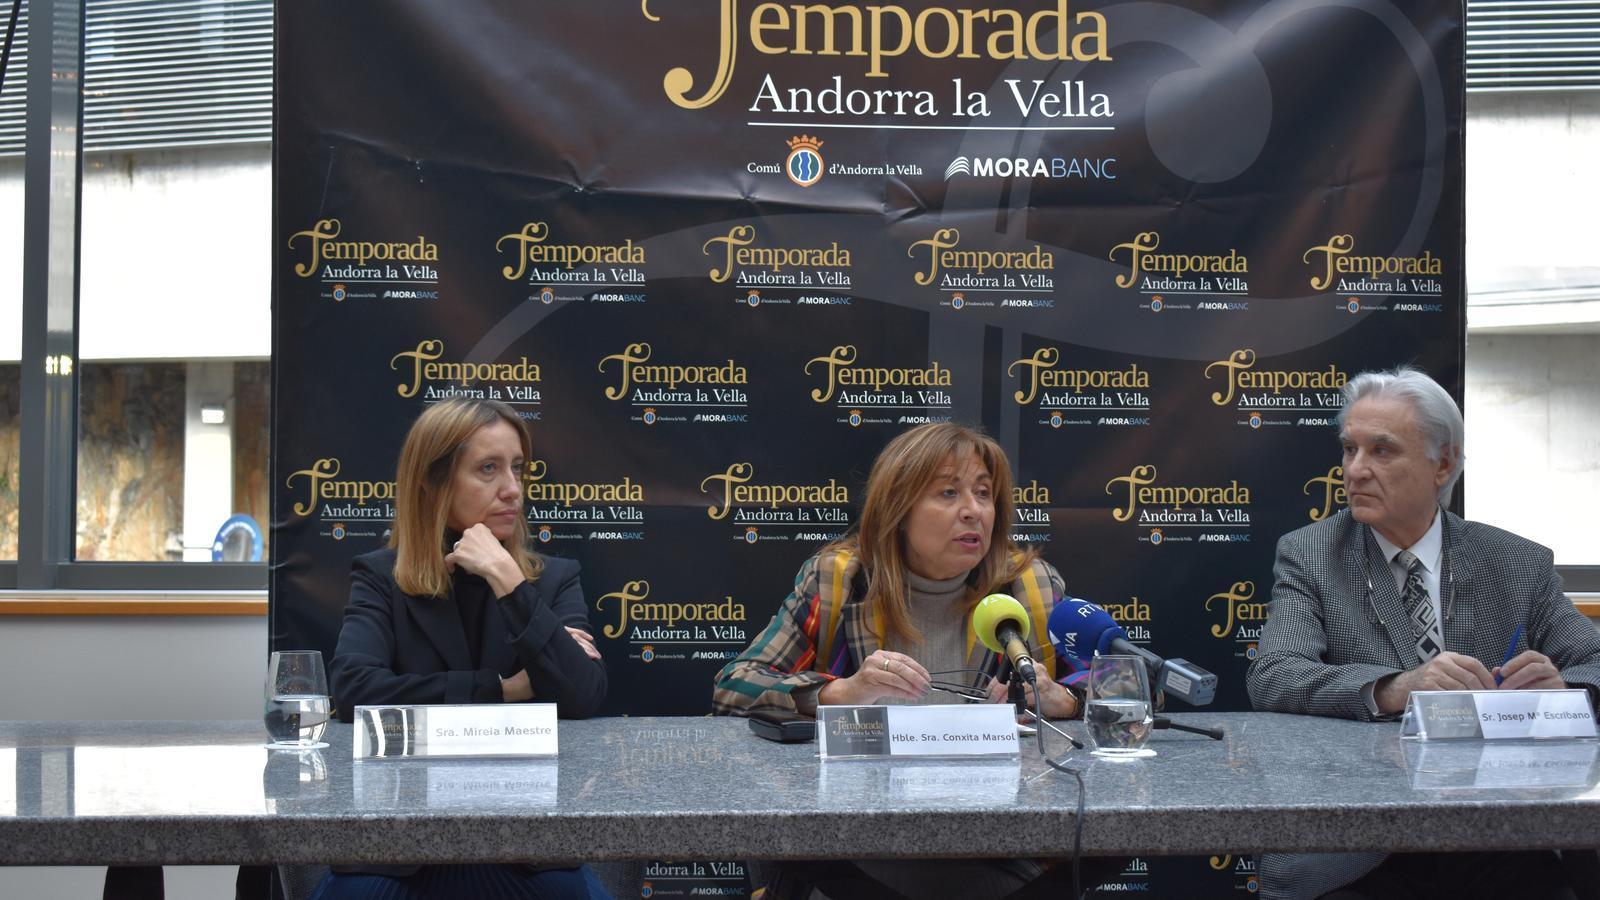 Mireia Maestre, directora de Comunicació i Marca de MoraBanc; Conxita Marsol, cònsol major d'Andorra la Vella, i Josep Maria Escribano, director artístic de la temporada, durant la presentació del concert de Lang Lang. / A.S. (ANA)